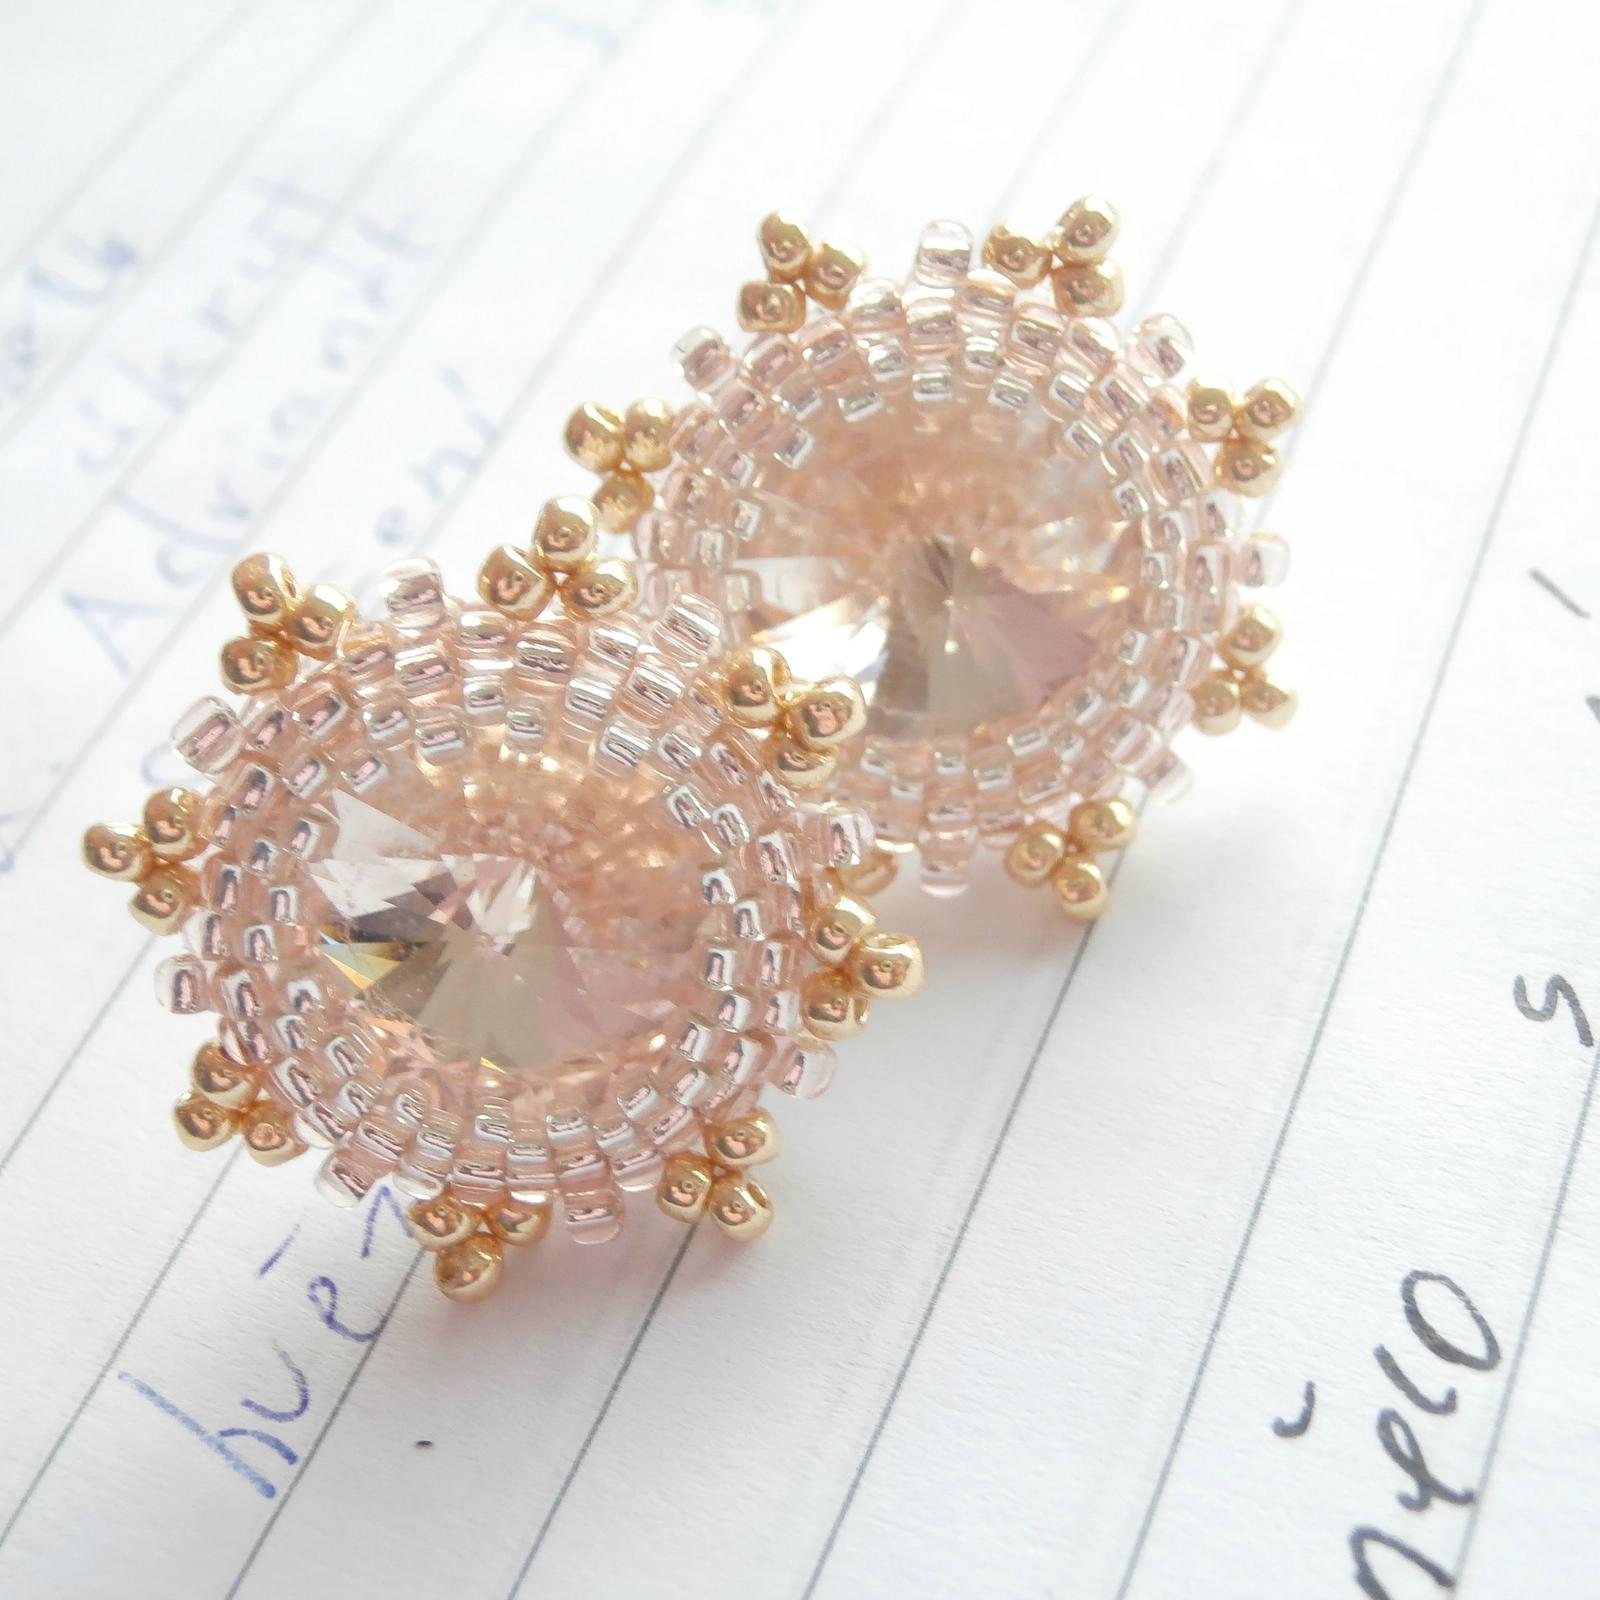 byadrianet Vyrábím originální šperky ze swarovski krystalů a61935cc036